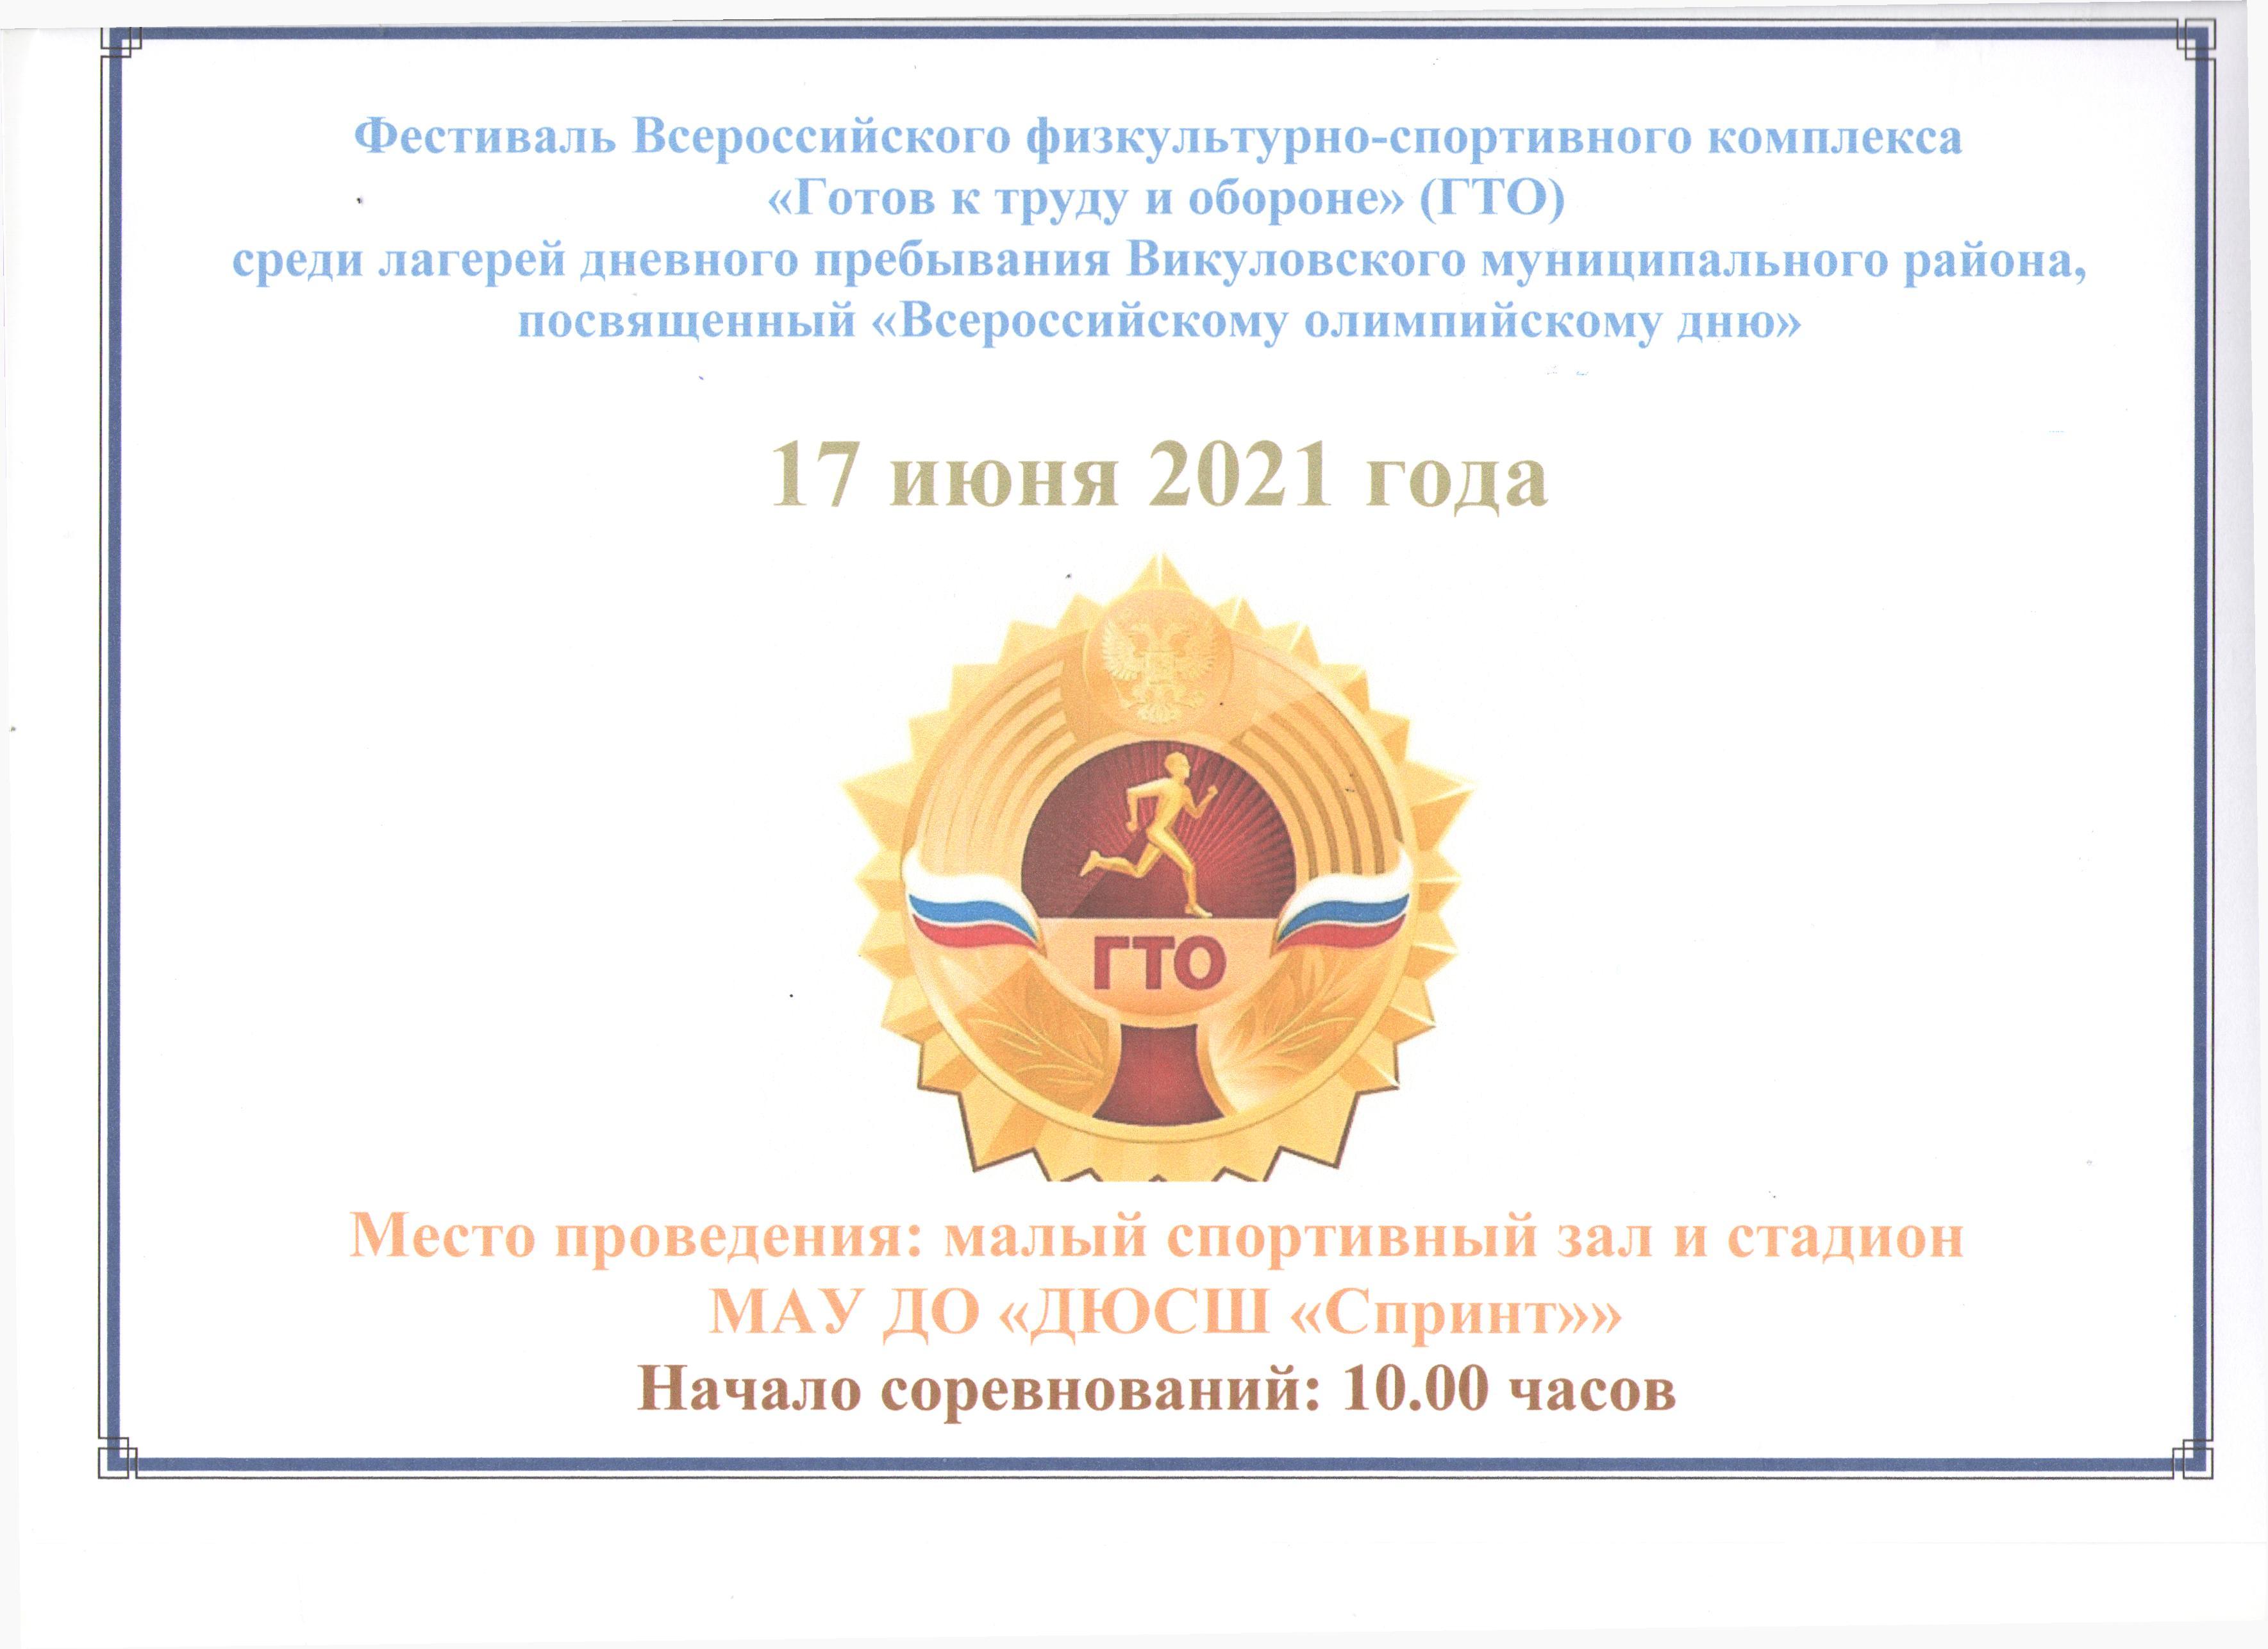 ГТО объявление